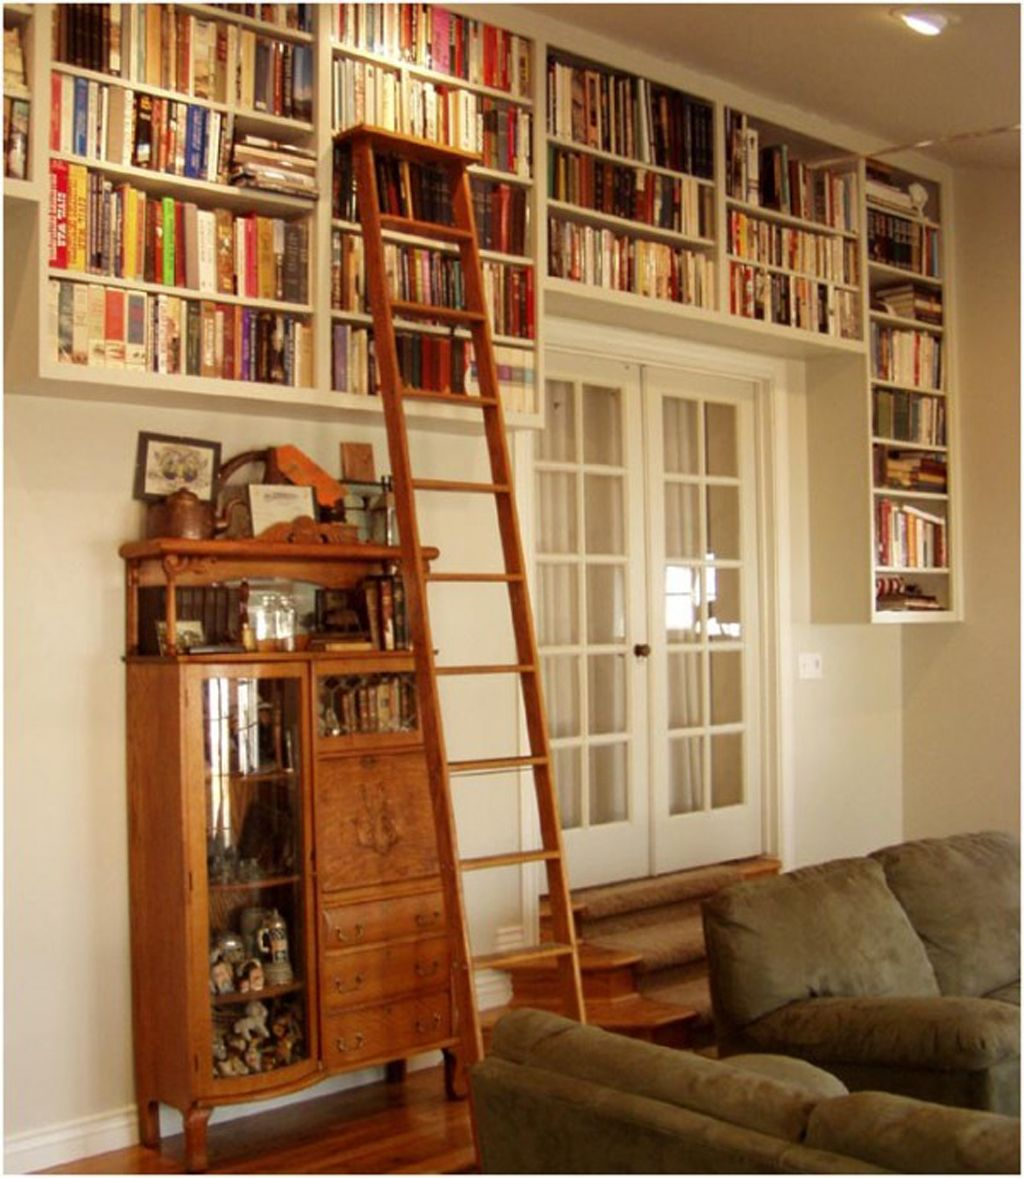 Medium Of Asymmetrical Wall Shelf